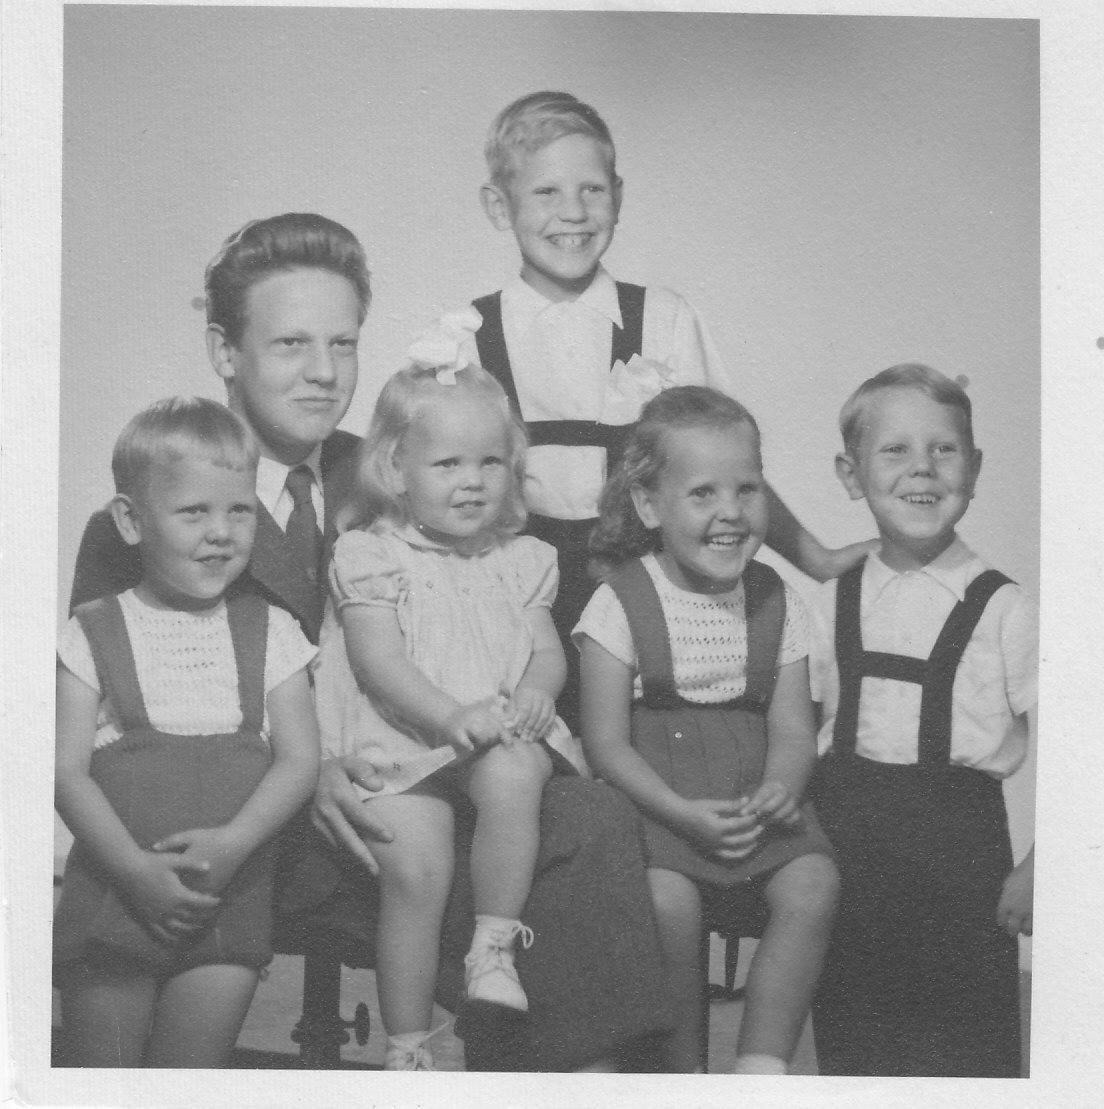 Na Foto: Sture Bergwall e seus irmãos. Foto tirada em 1954. Créditos: Blog Bergwall.